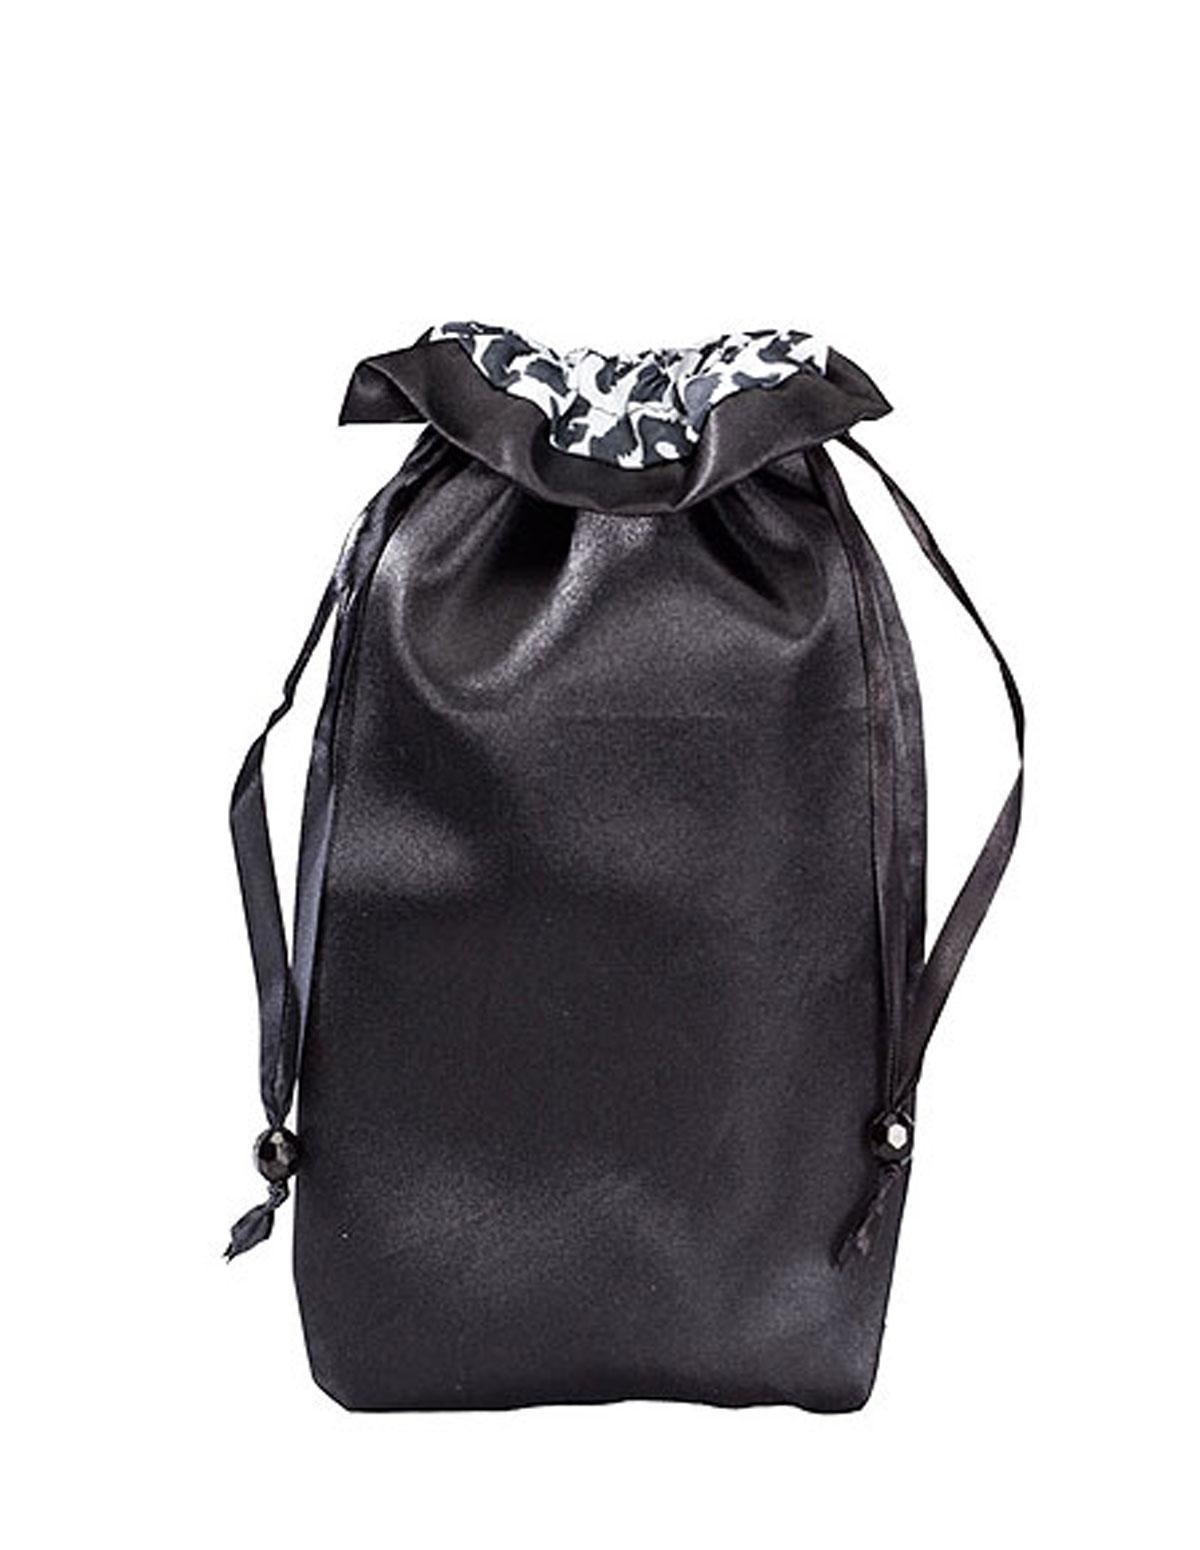 Nobu Sugar Sak Discreet Toy Bag